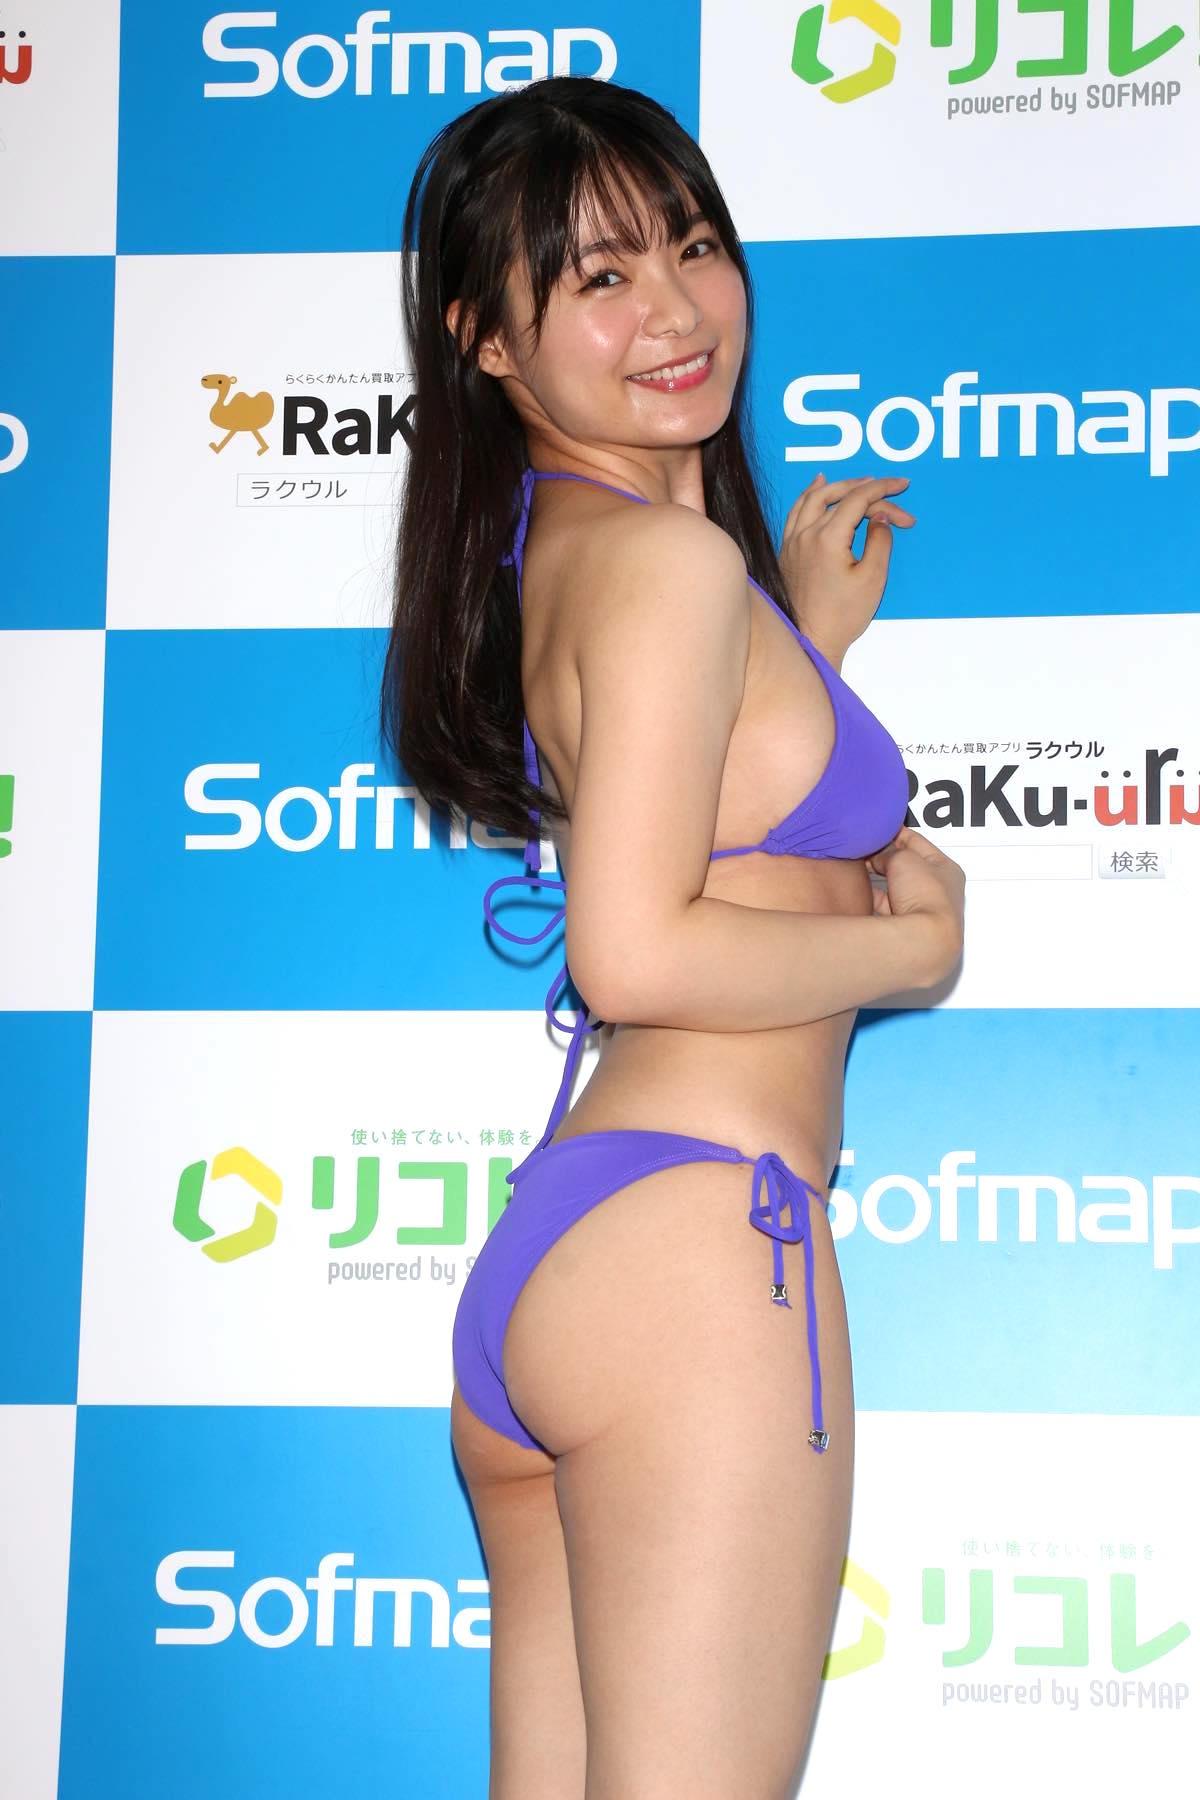 星名美津紀「朝からイチャイチャ」下着のシーンが一番セクシー【画像48枚】の画像011